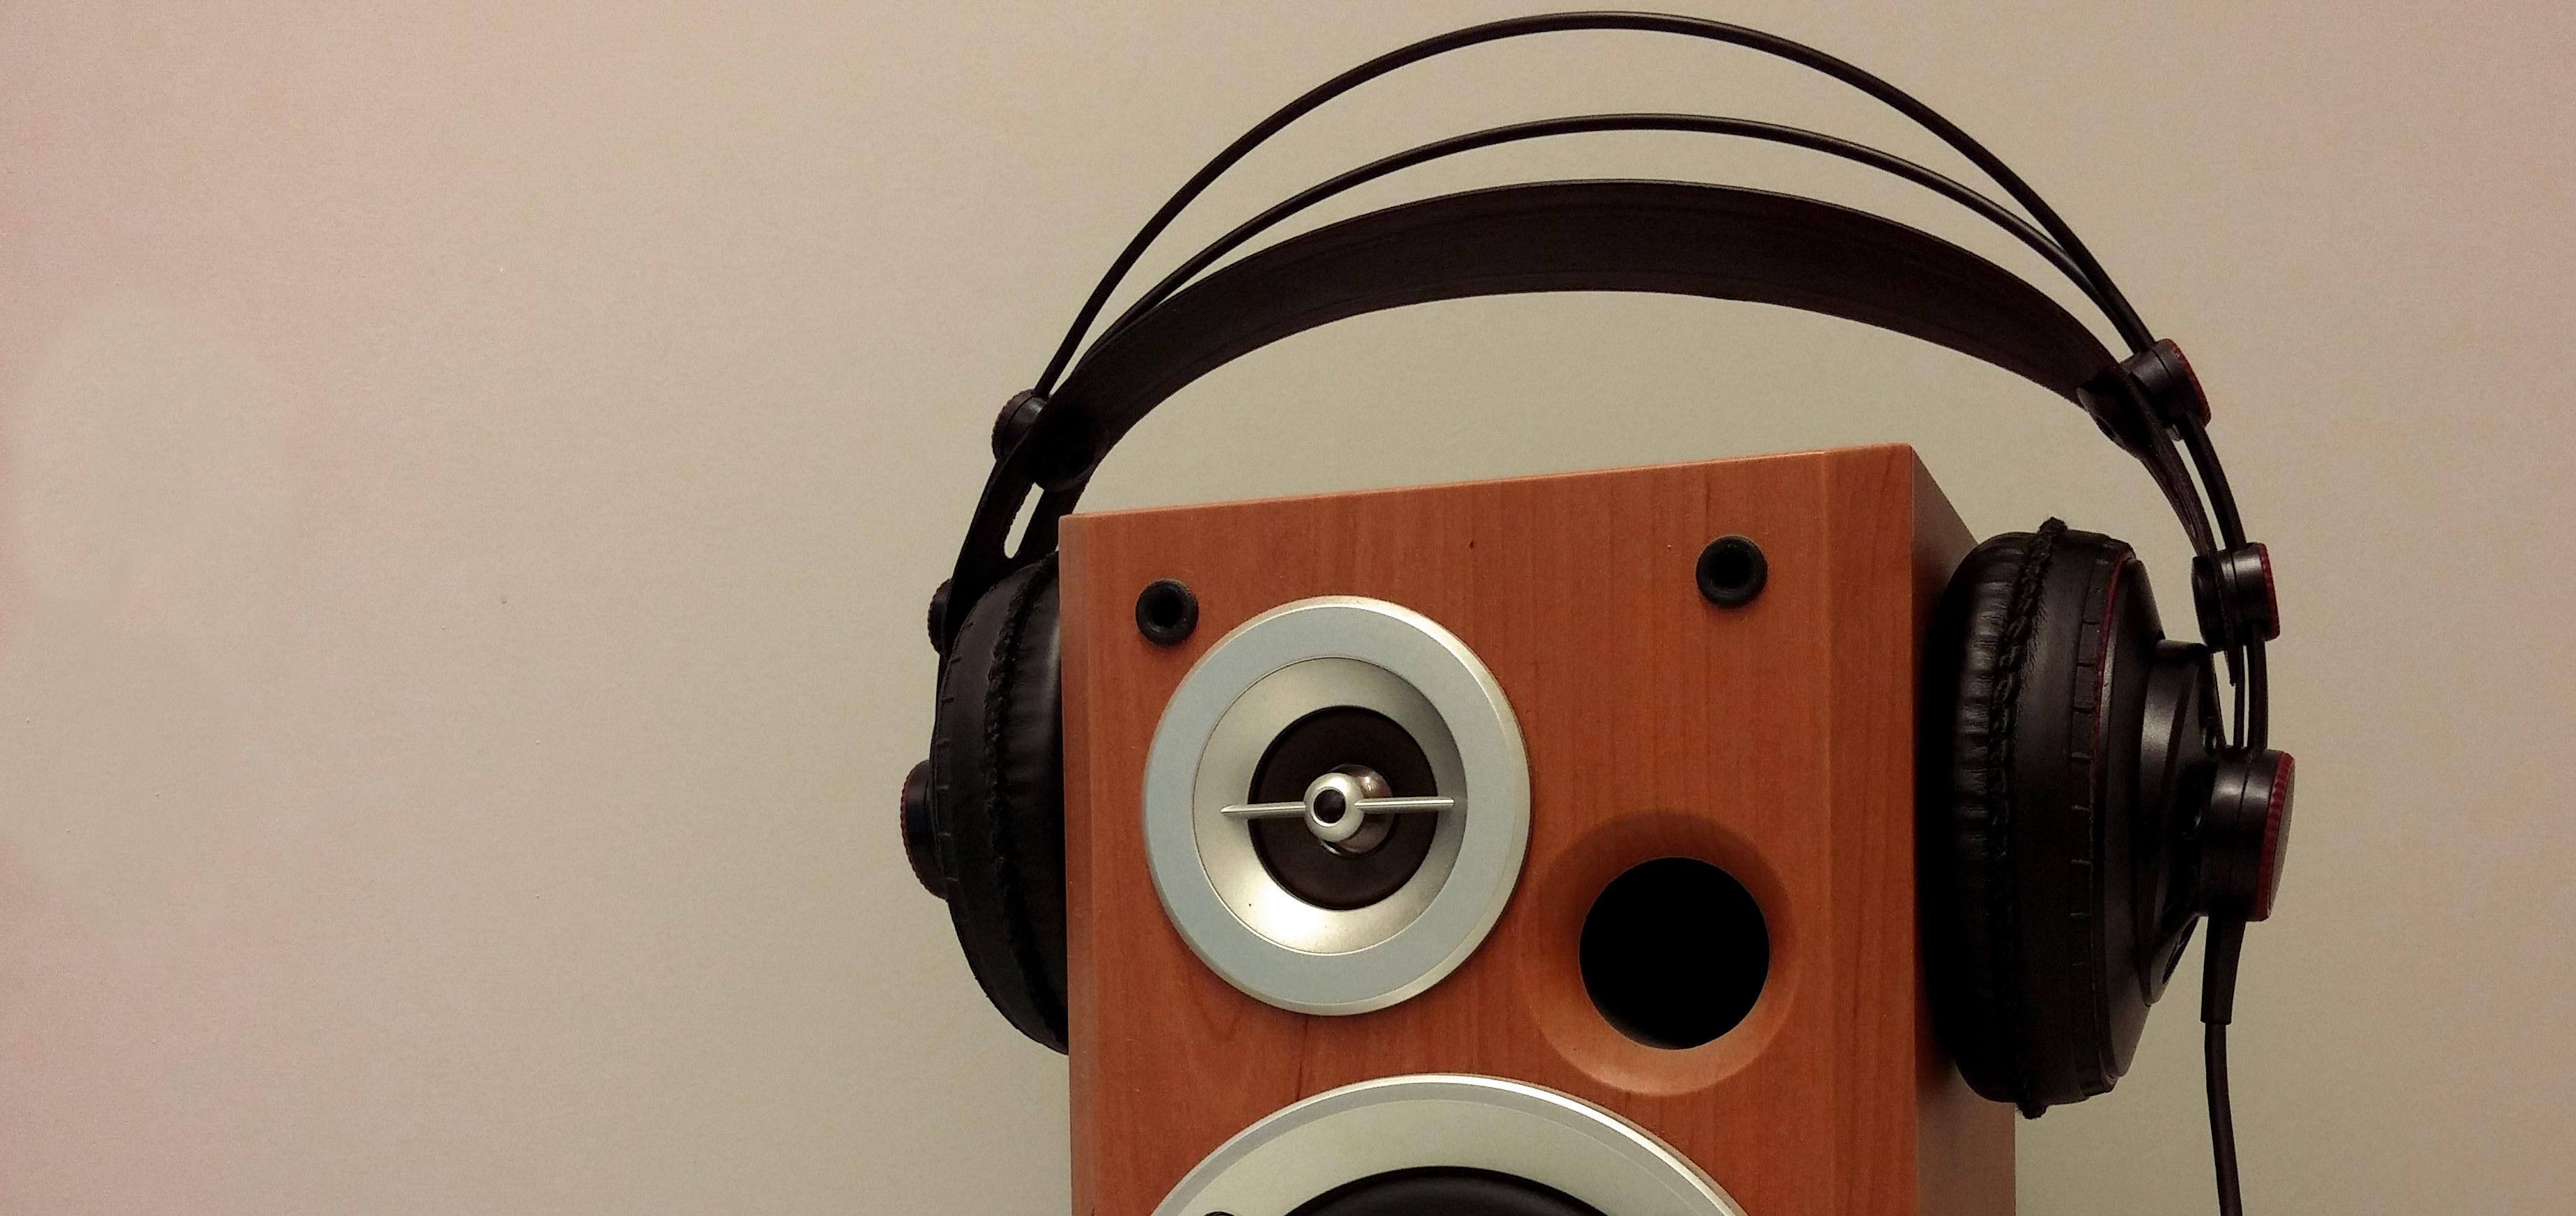 Lautsprecher mit Kopfhörer. Foto: SR